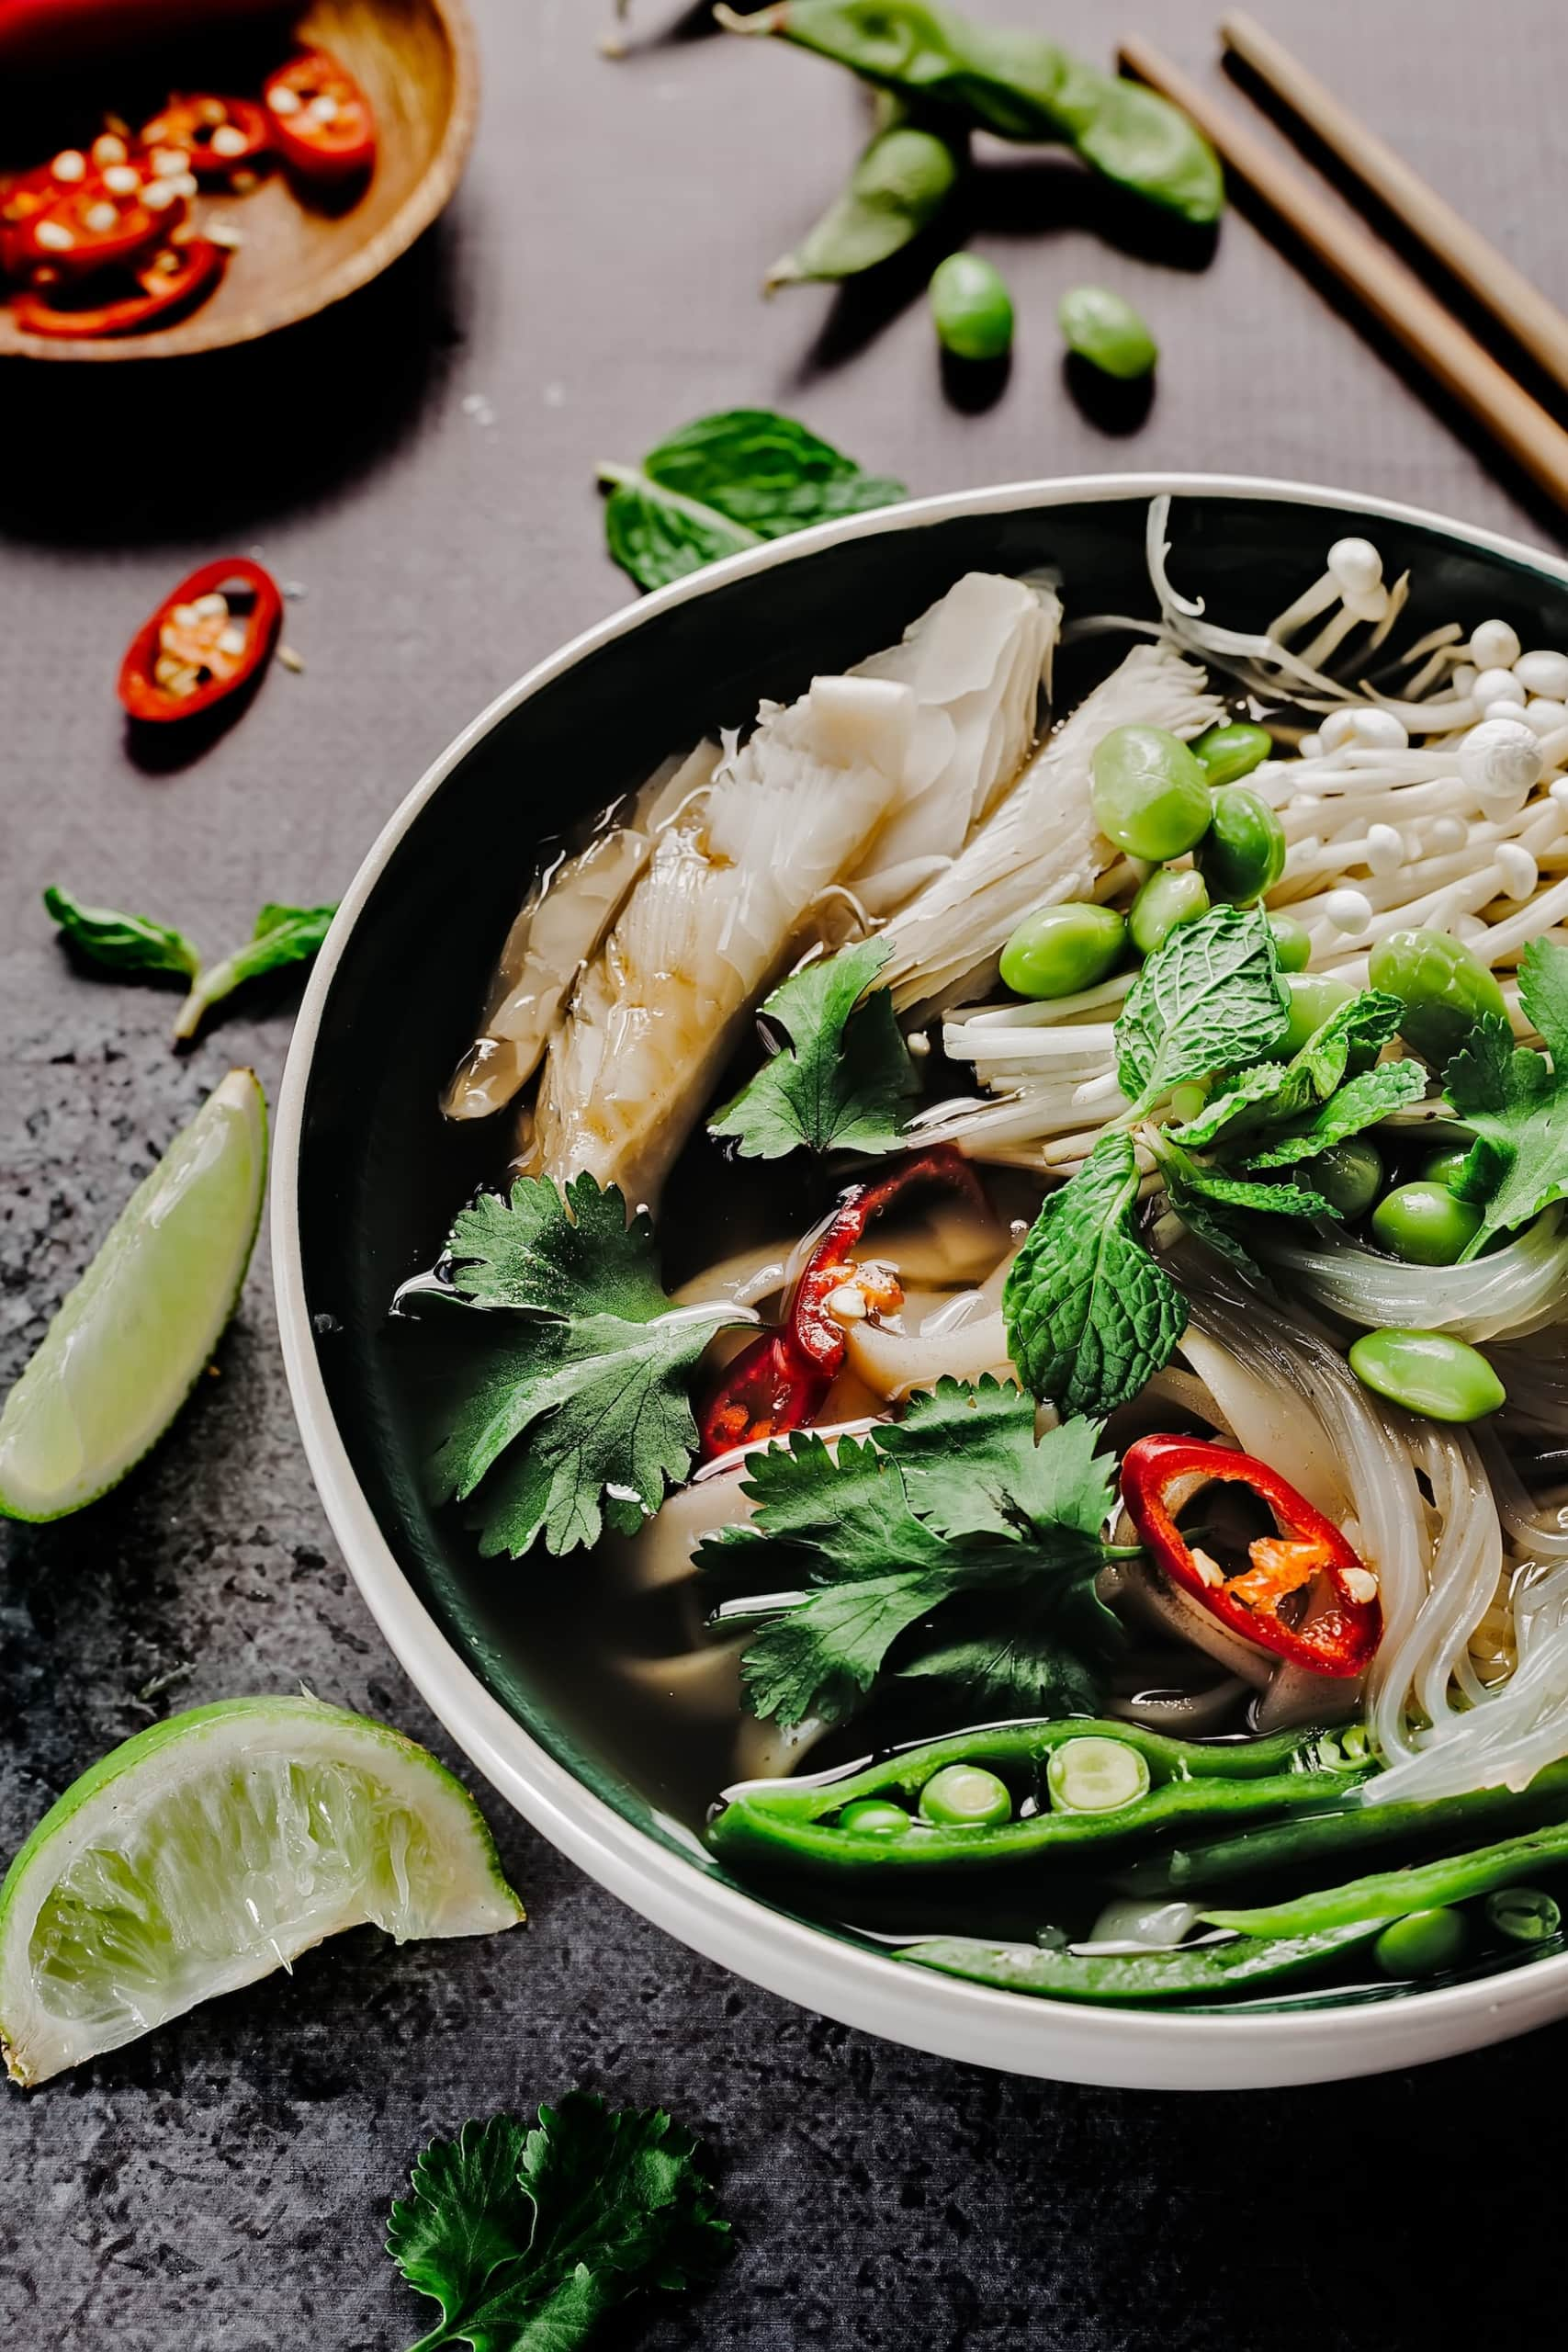 Pho zählt zu den beliebtesten Streetfood Spezialitäten der Welt